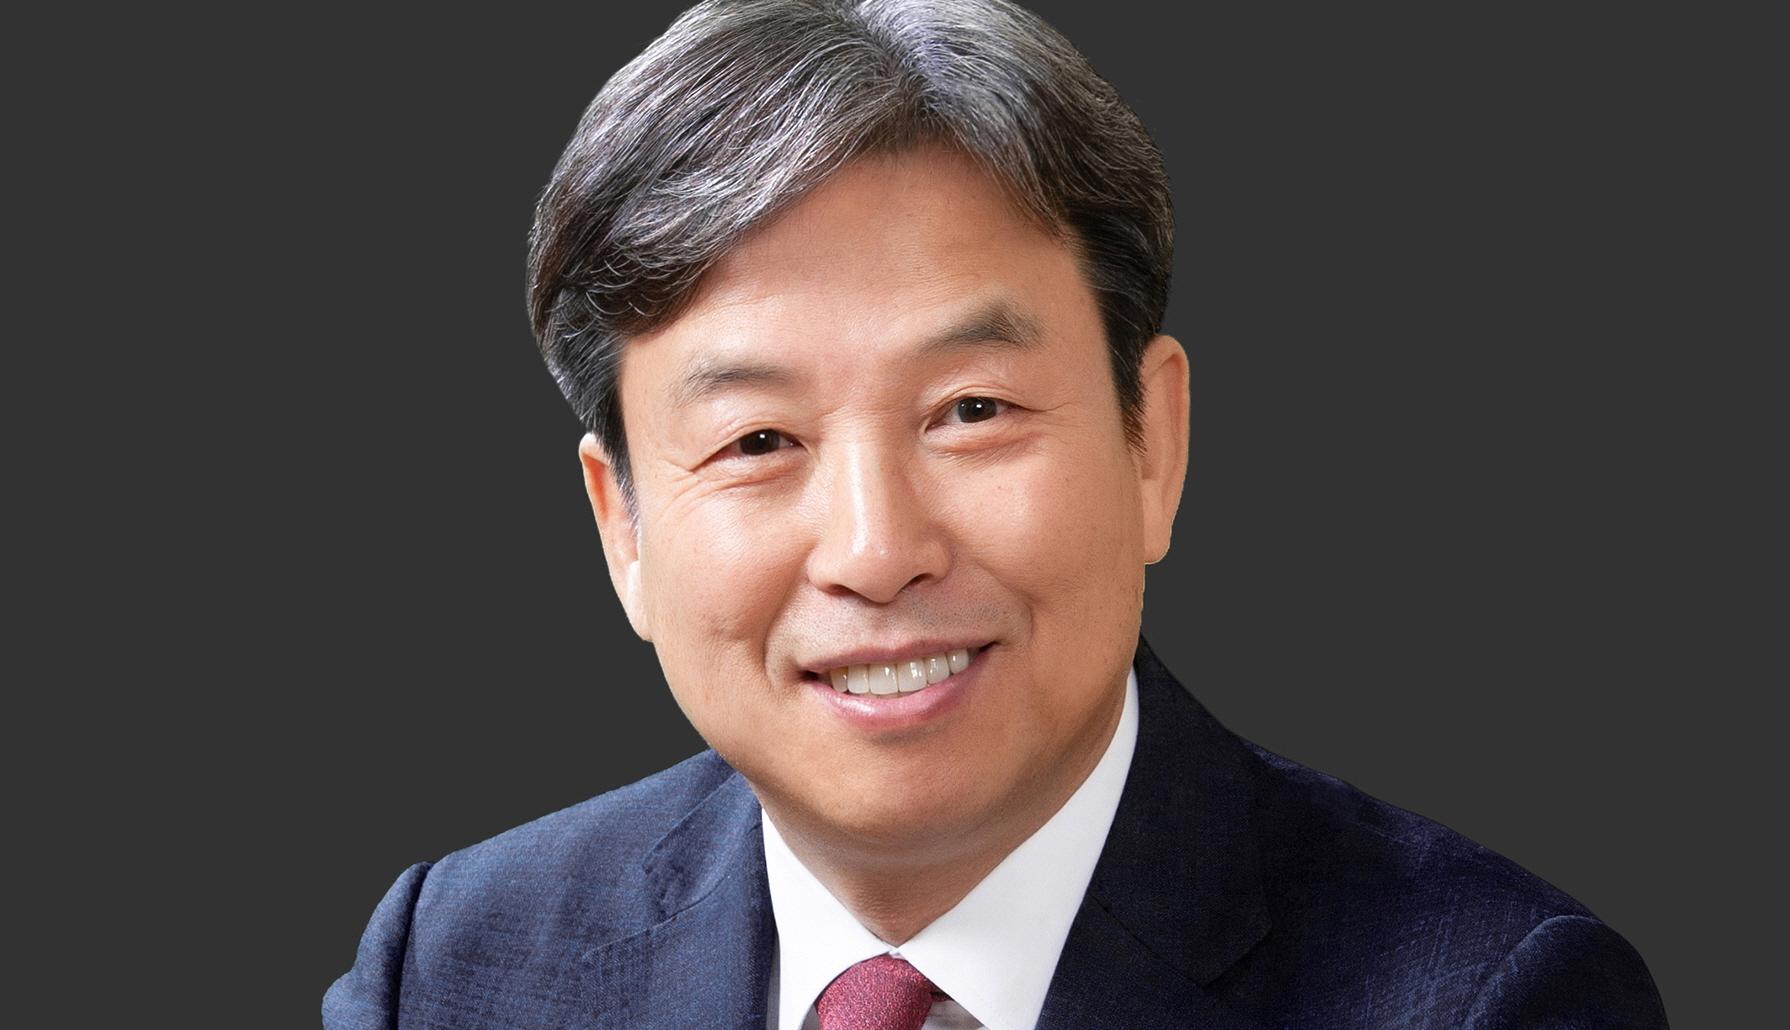 〔ANN의 인물 포커스〕 석정훈 대한건축사협회 회장 겸 FIKA 대표회장